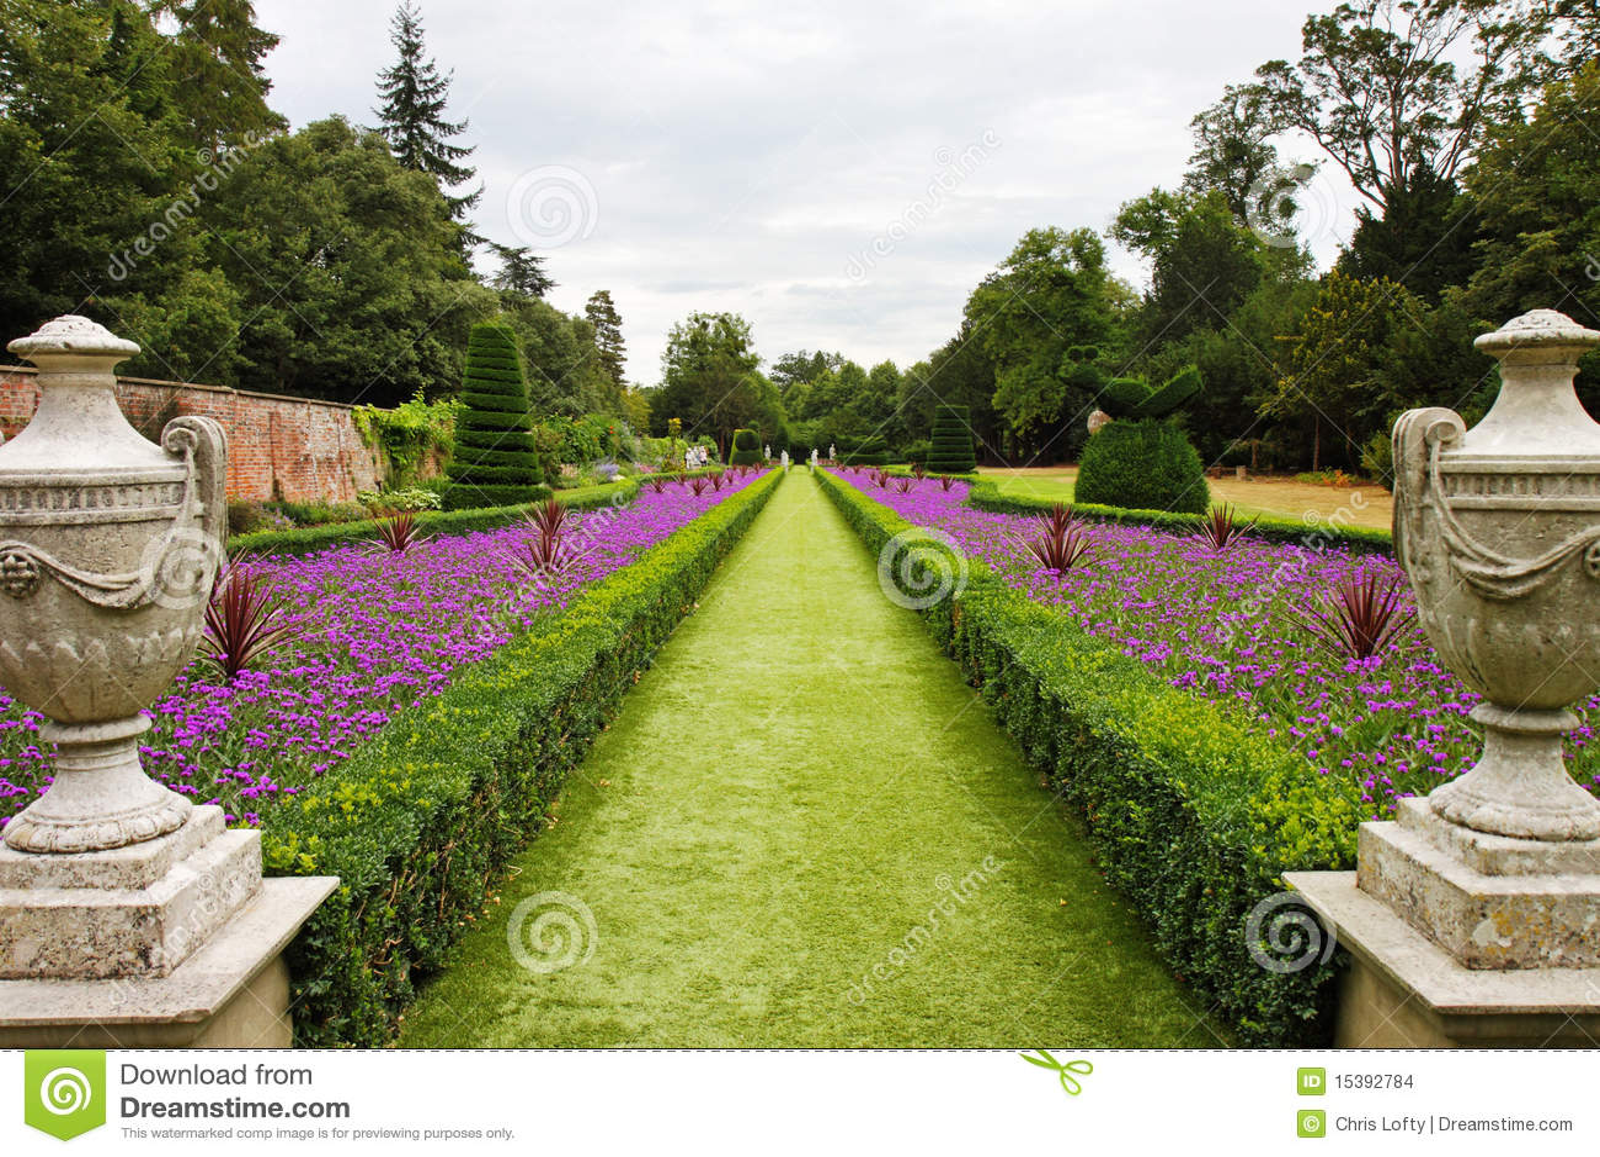 Landscape My Garden